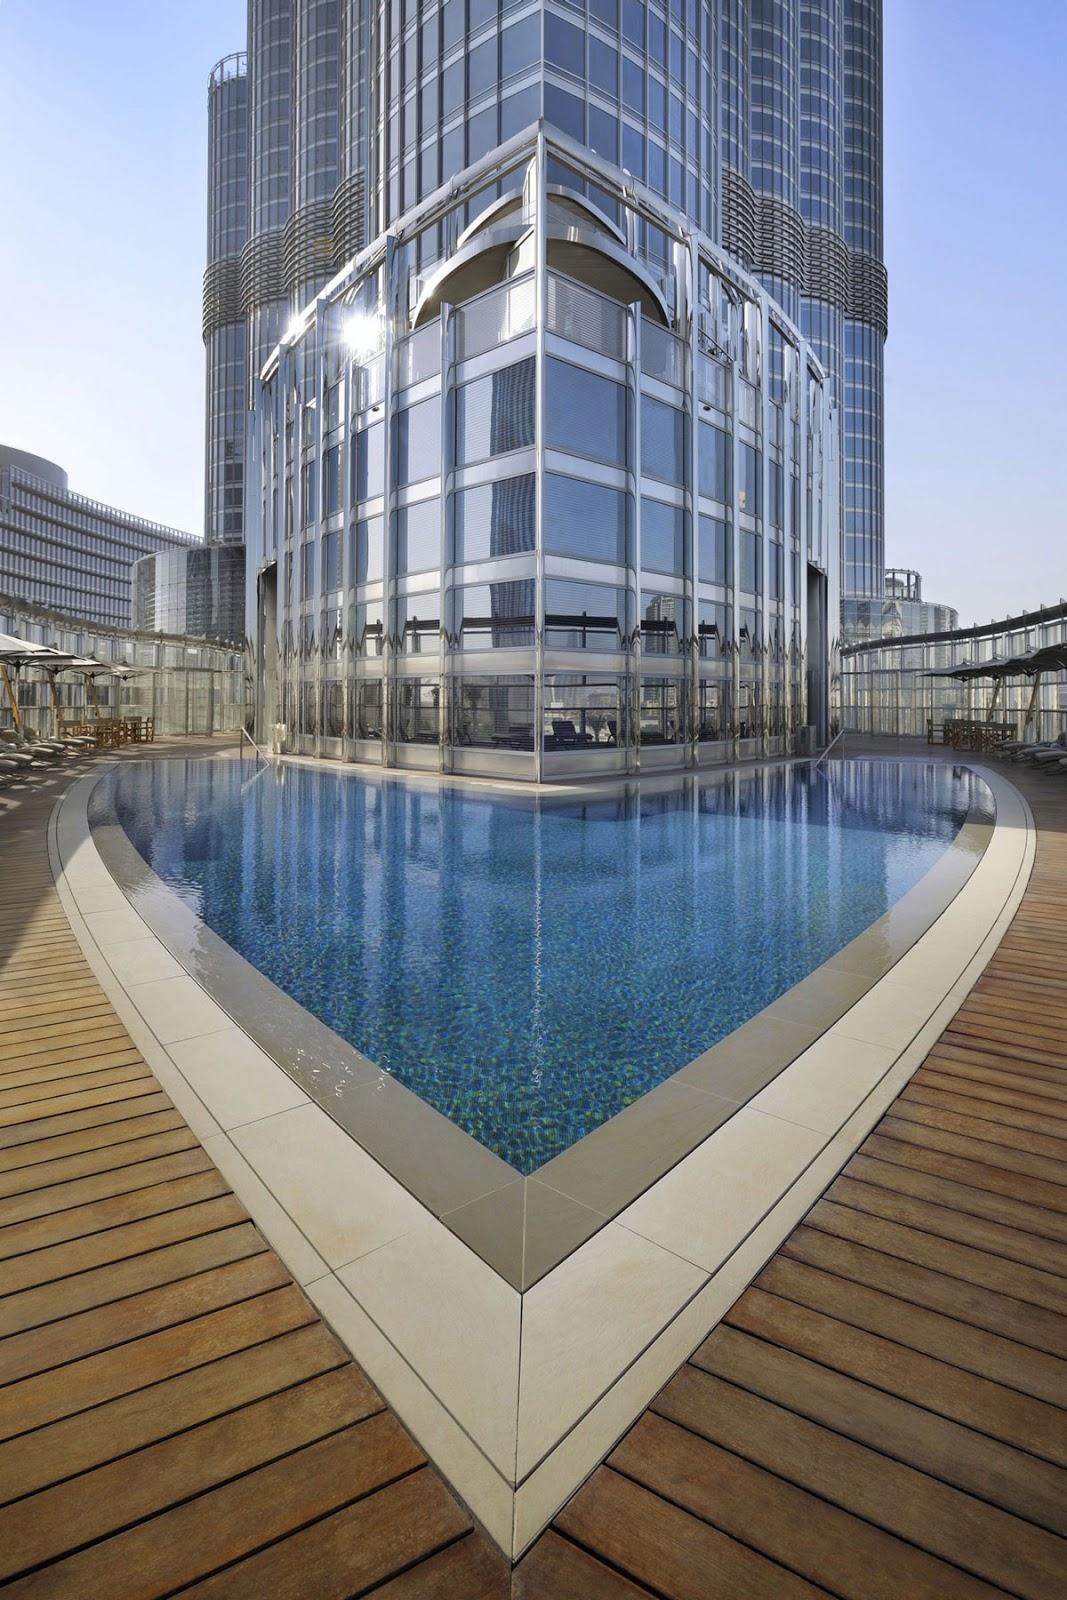 Passion for luxury armani hotel dubai for Pool design dubai